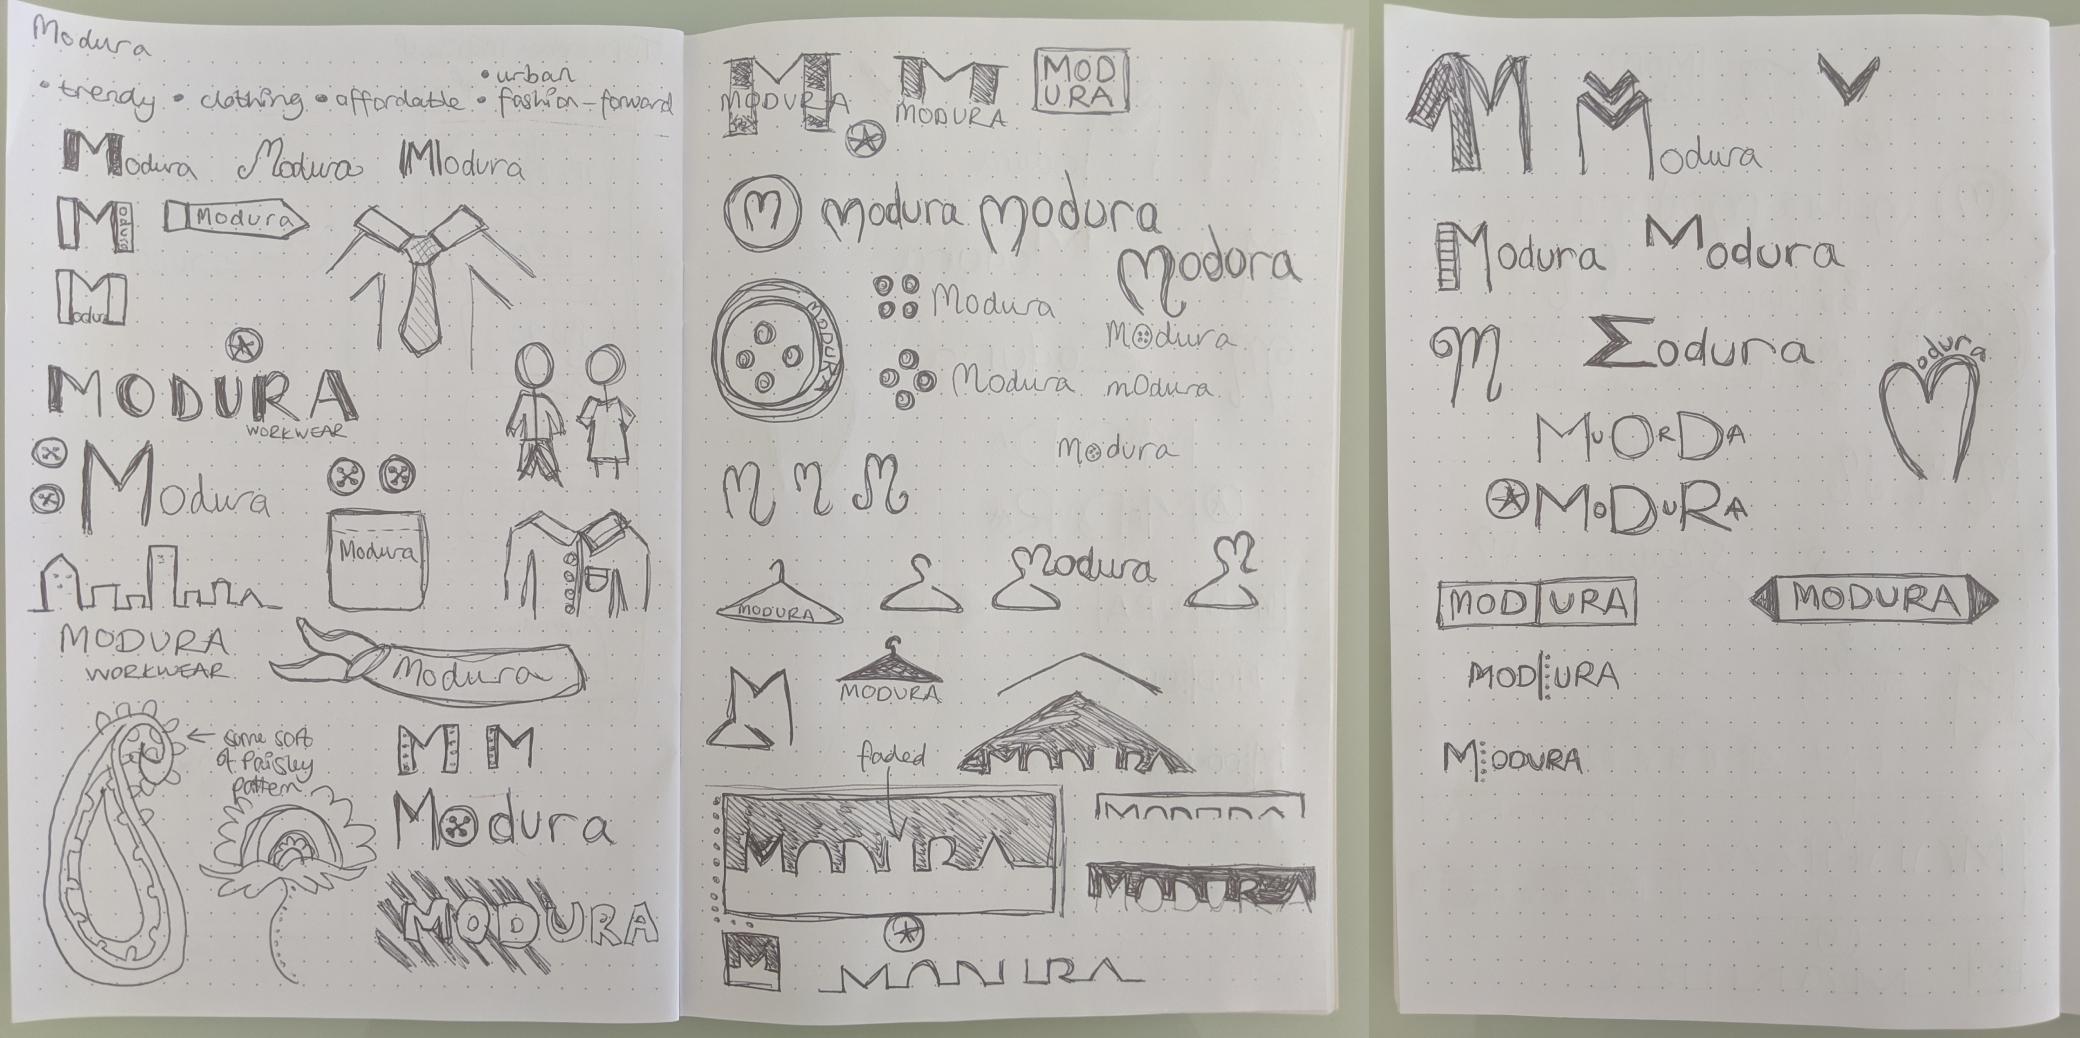 Modura logo sketches